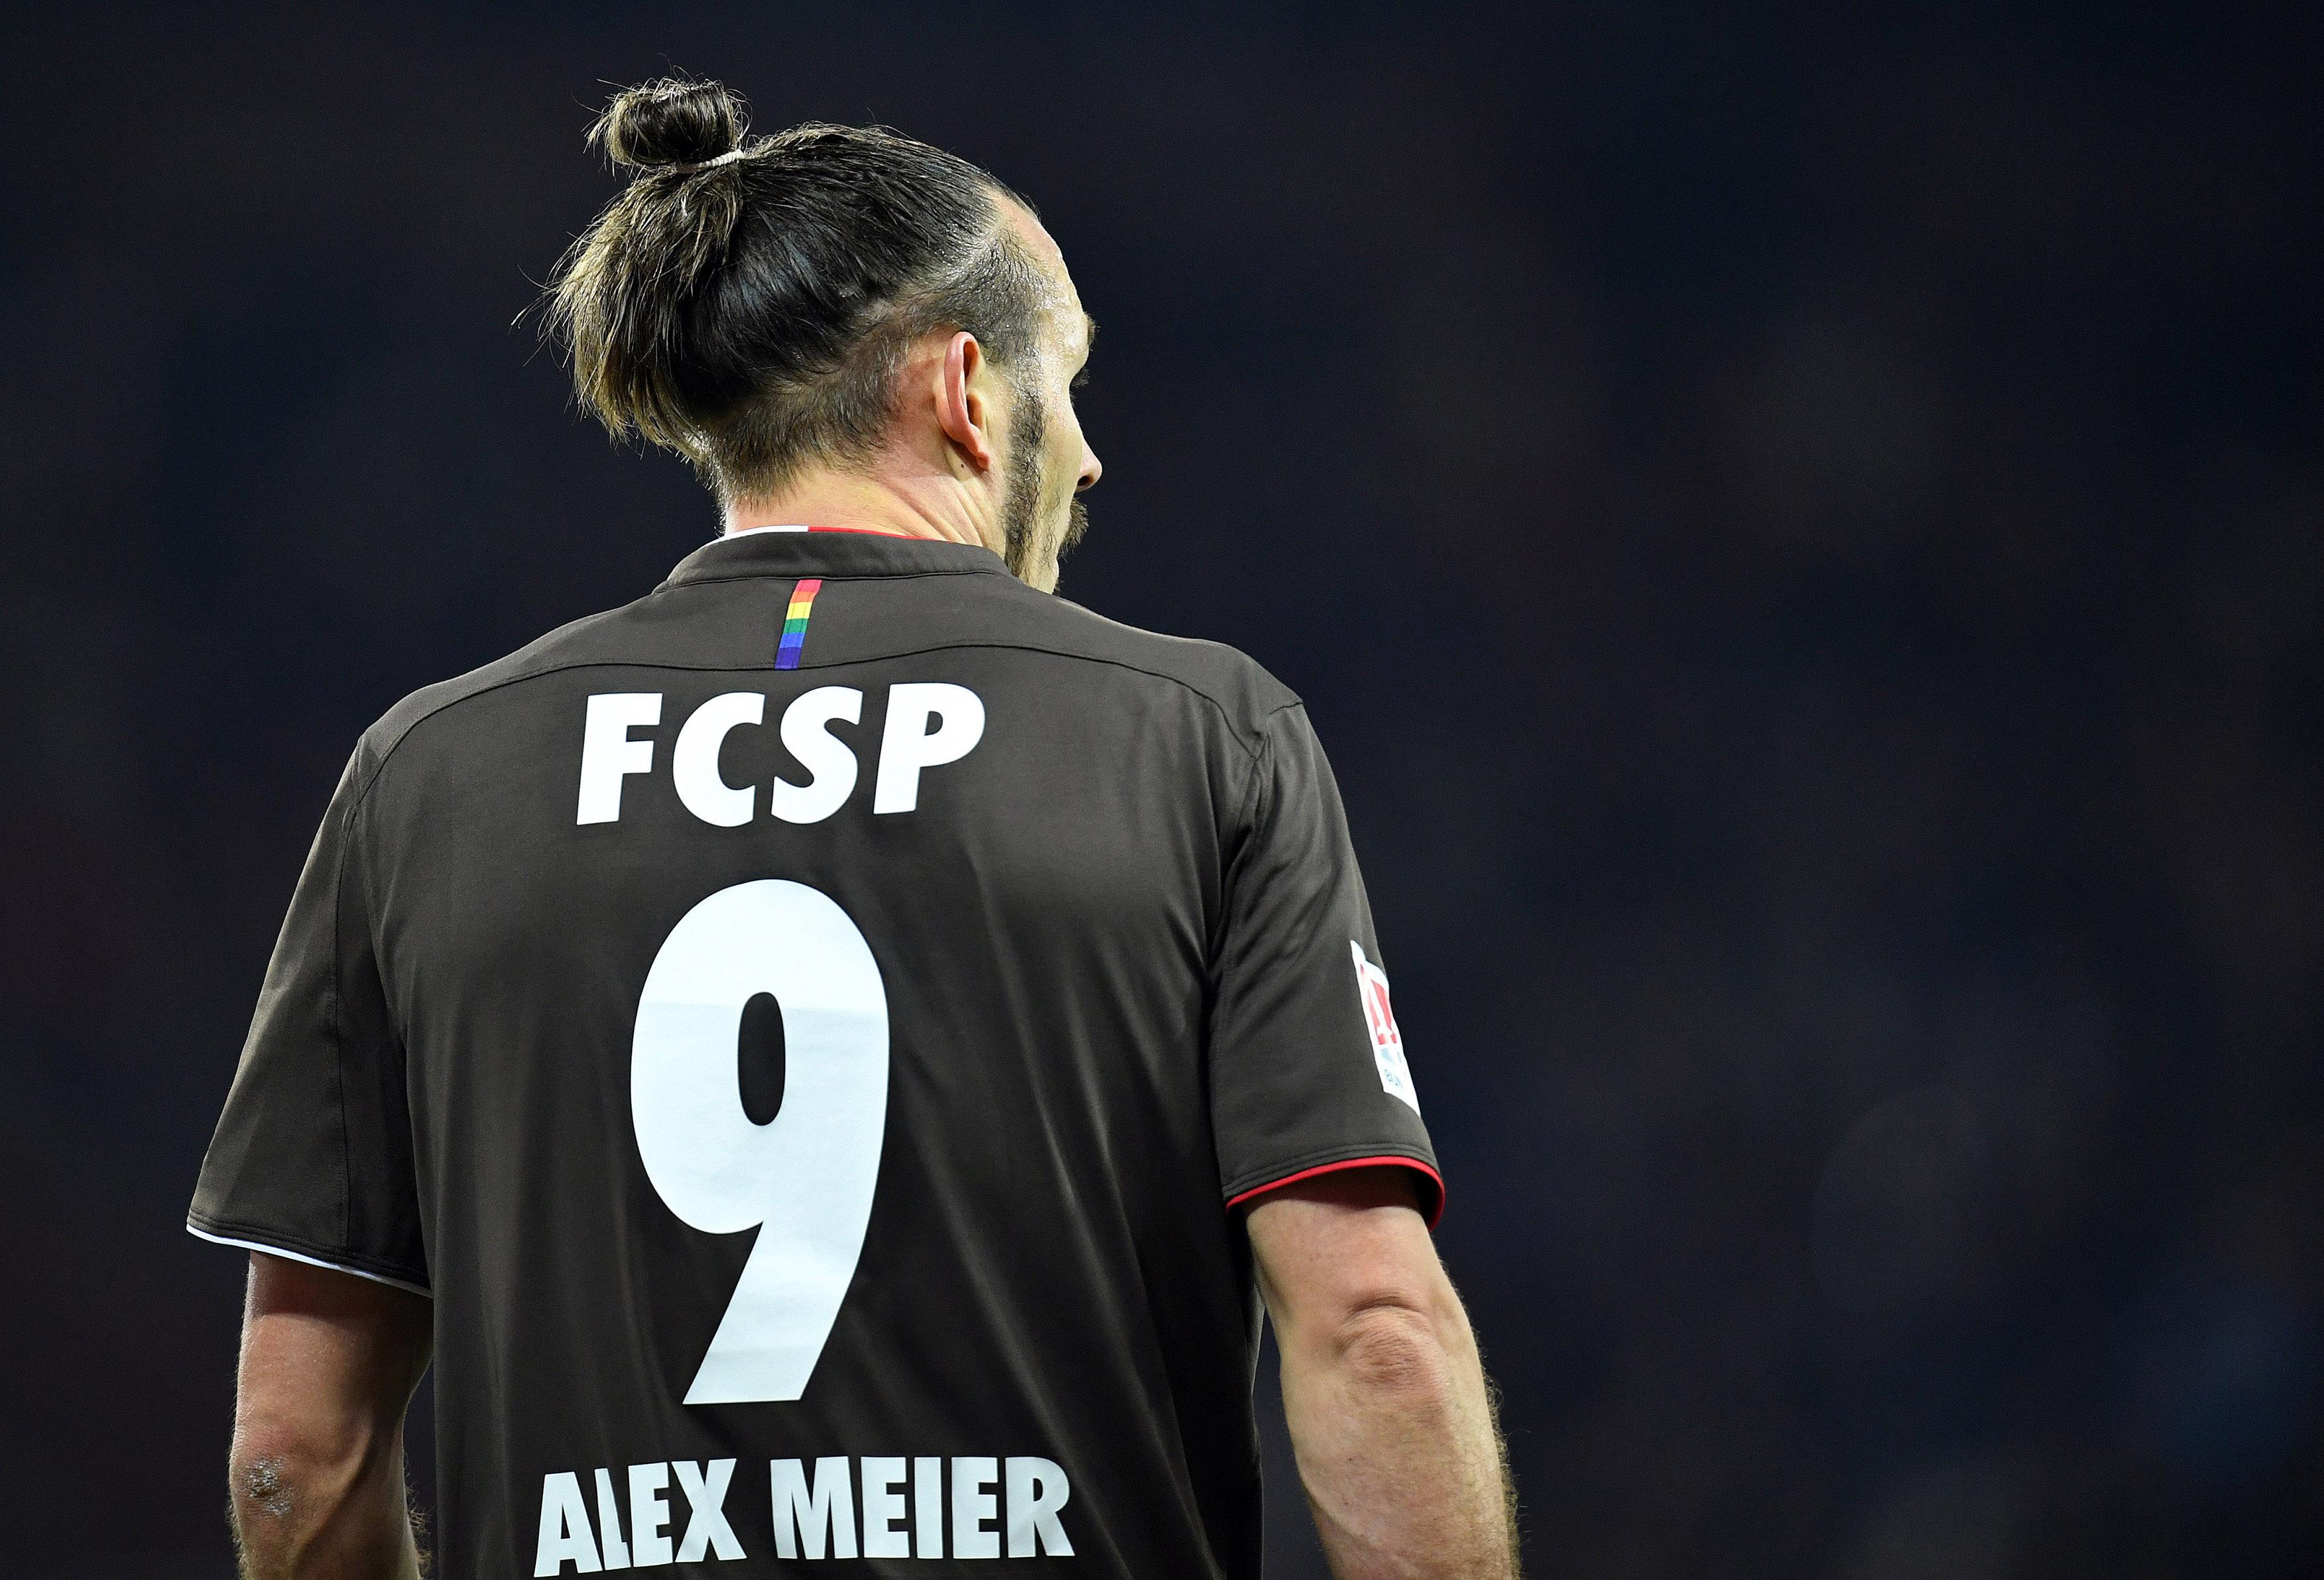 Alex Meier verlässt den FC St. Pauli